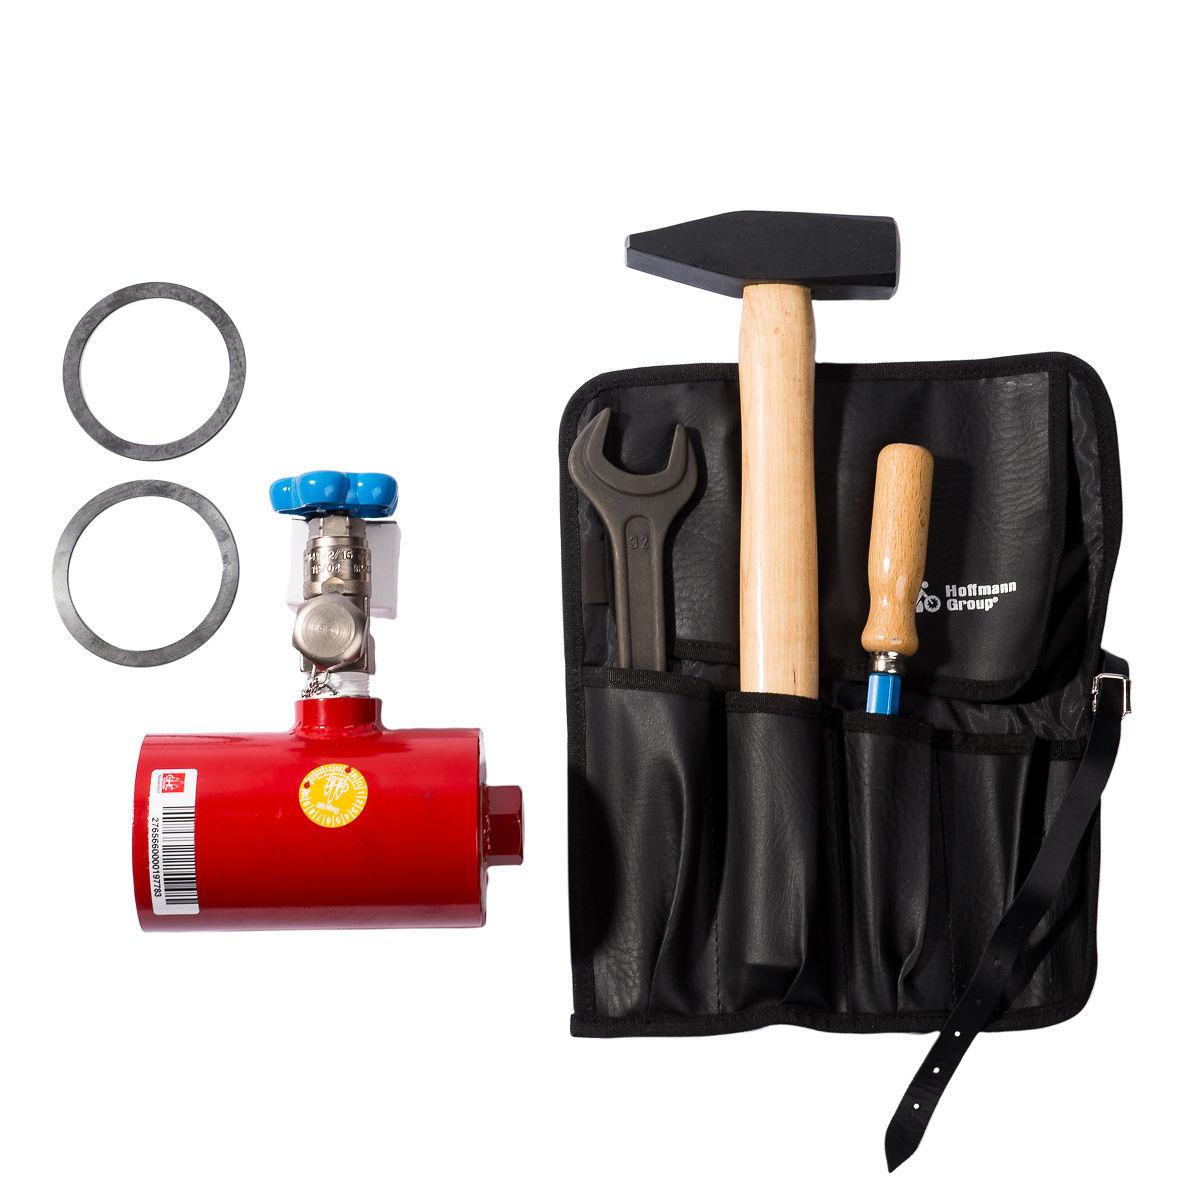 Chlorgas Notfallausrüstung